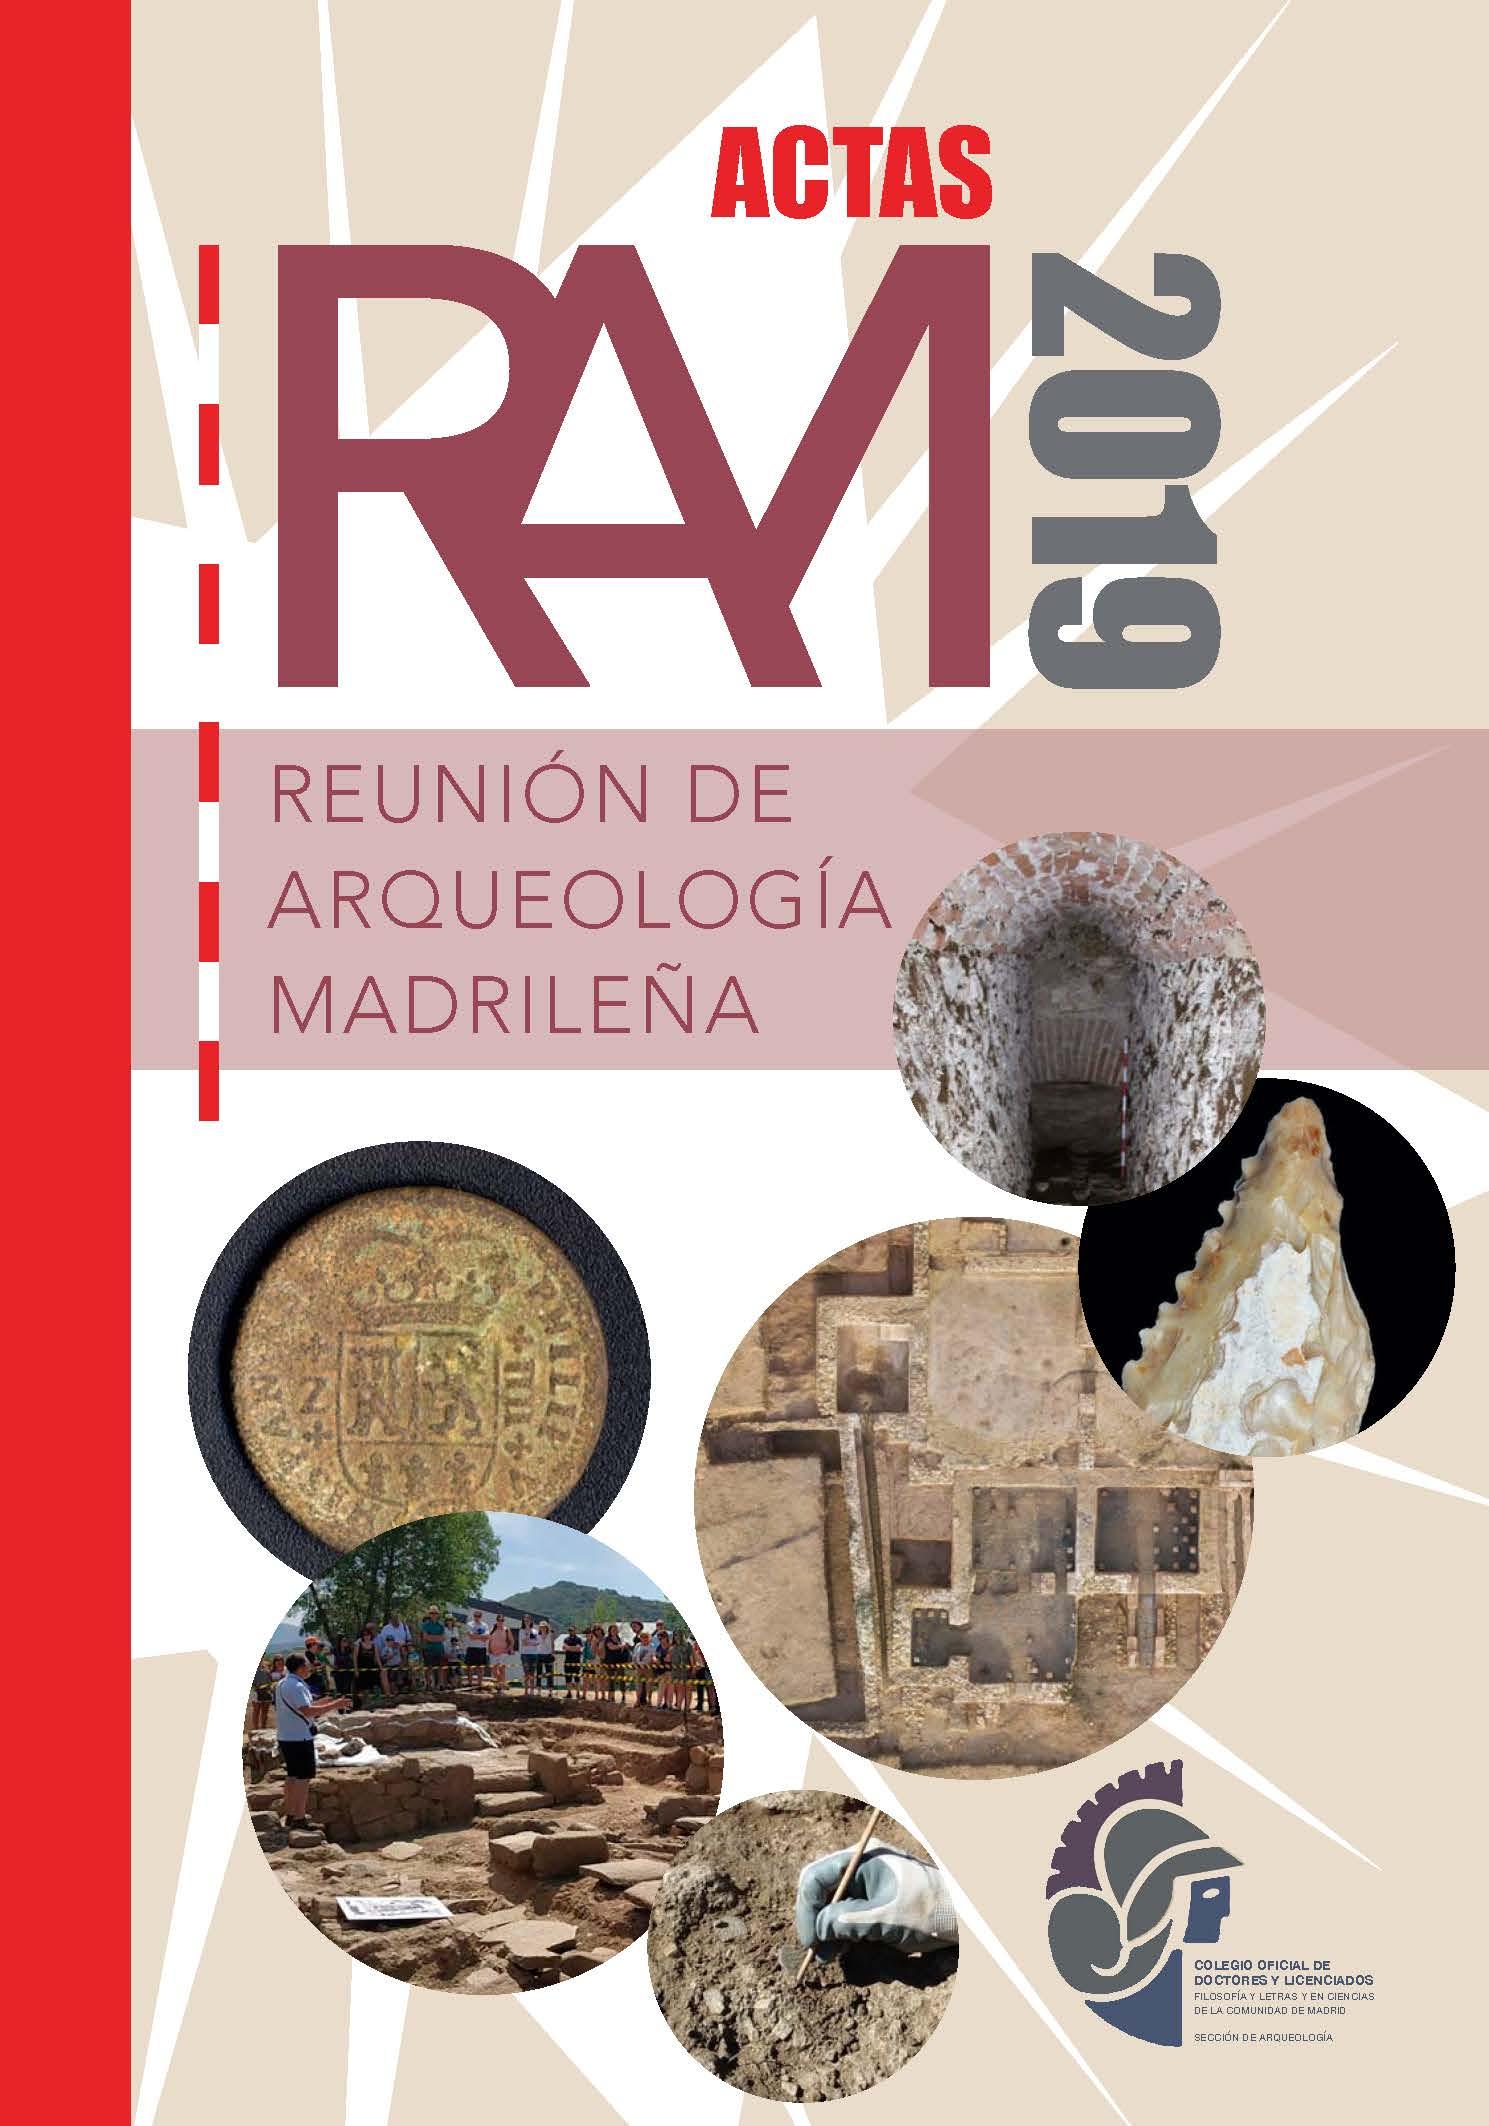 Actas de la Reunión de Arqueología Madrileña 2019